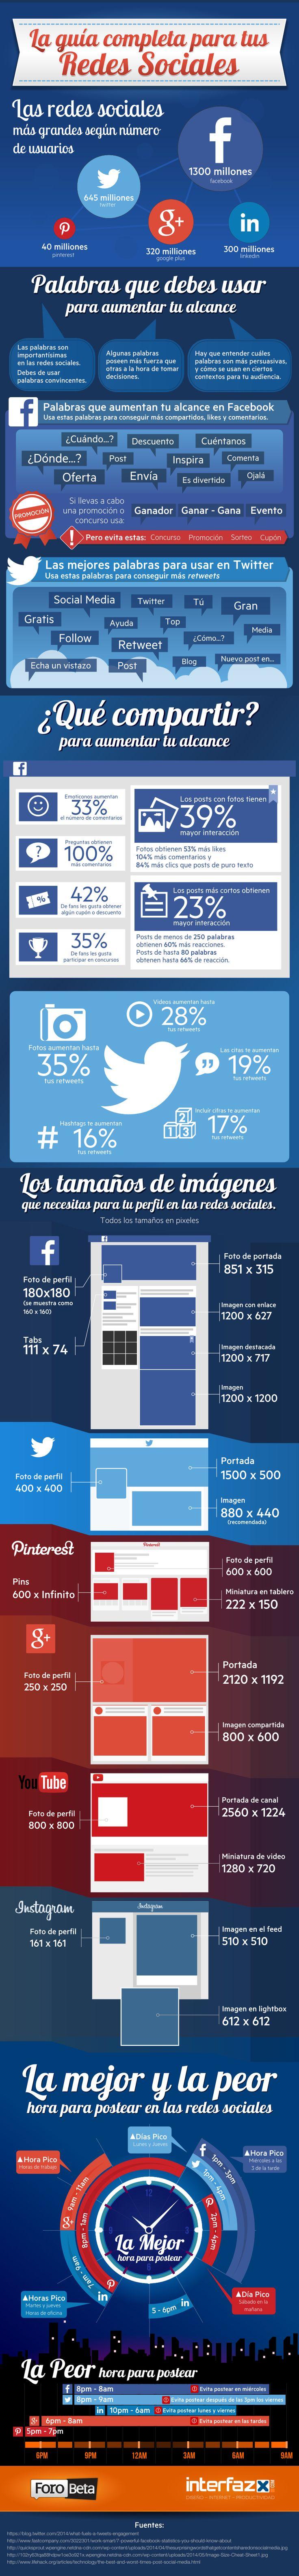 Guía completa para tus Redes Sociales #infografia #infographic #socialmedia